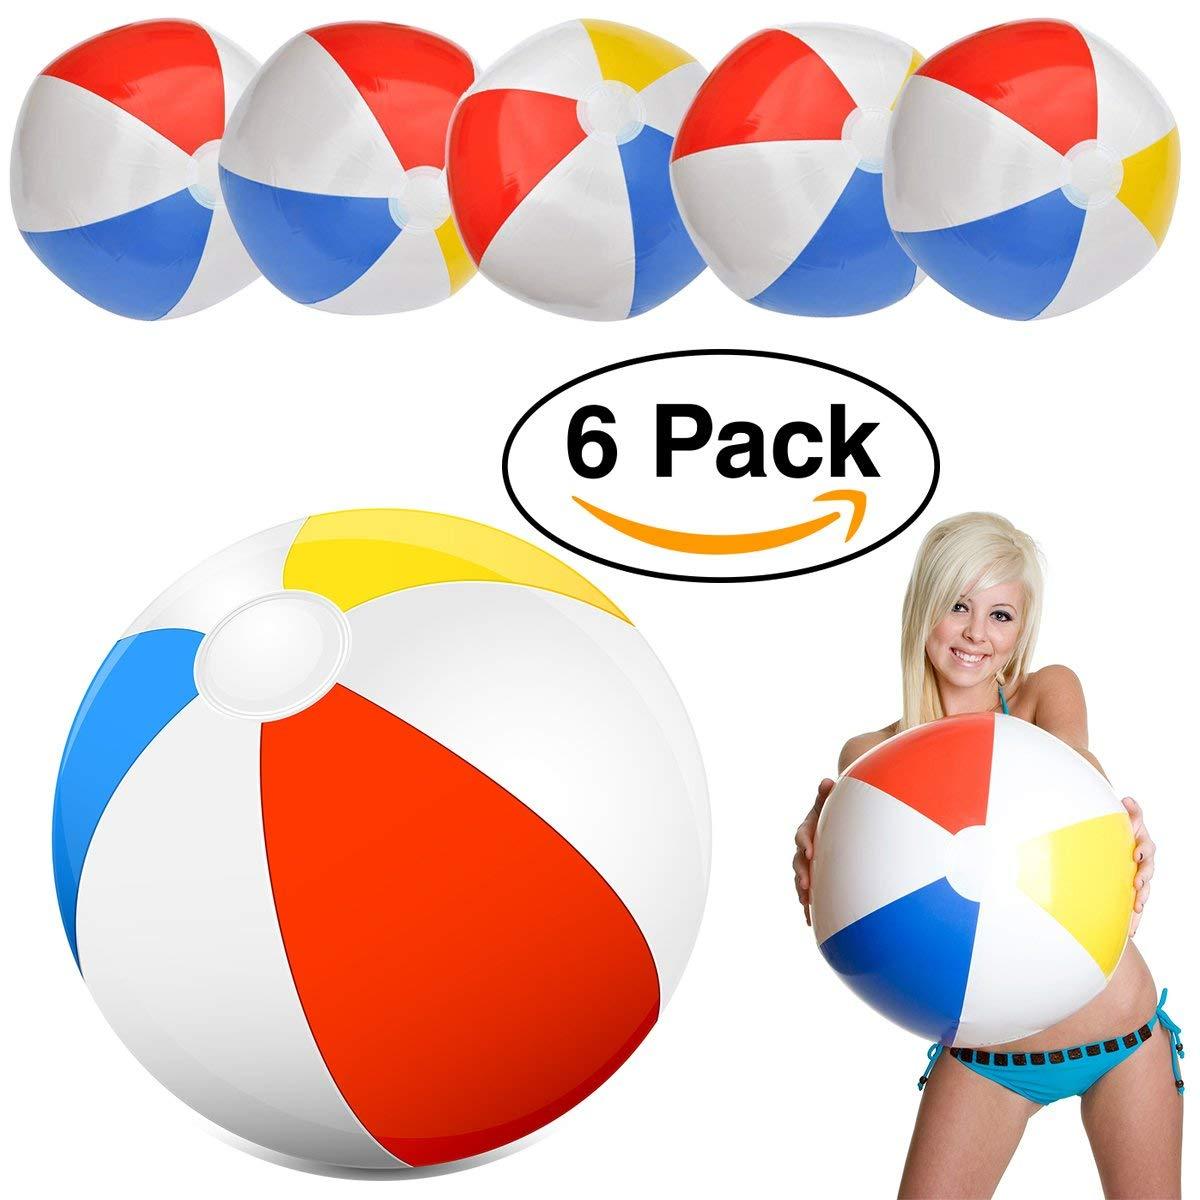 """Intex Glossy Panel Beach Ball Large 20"""" Classic Red, Blue, Yellow & white Beachball (6 Pack)"""